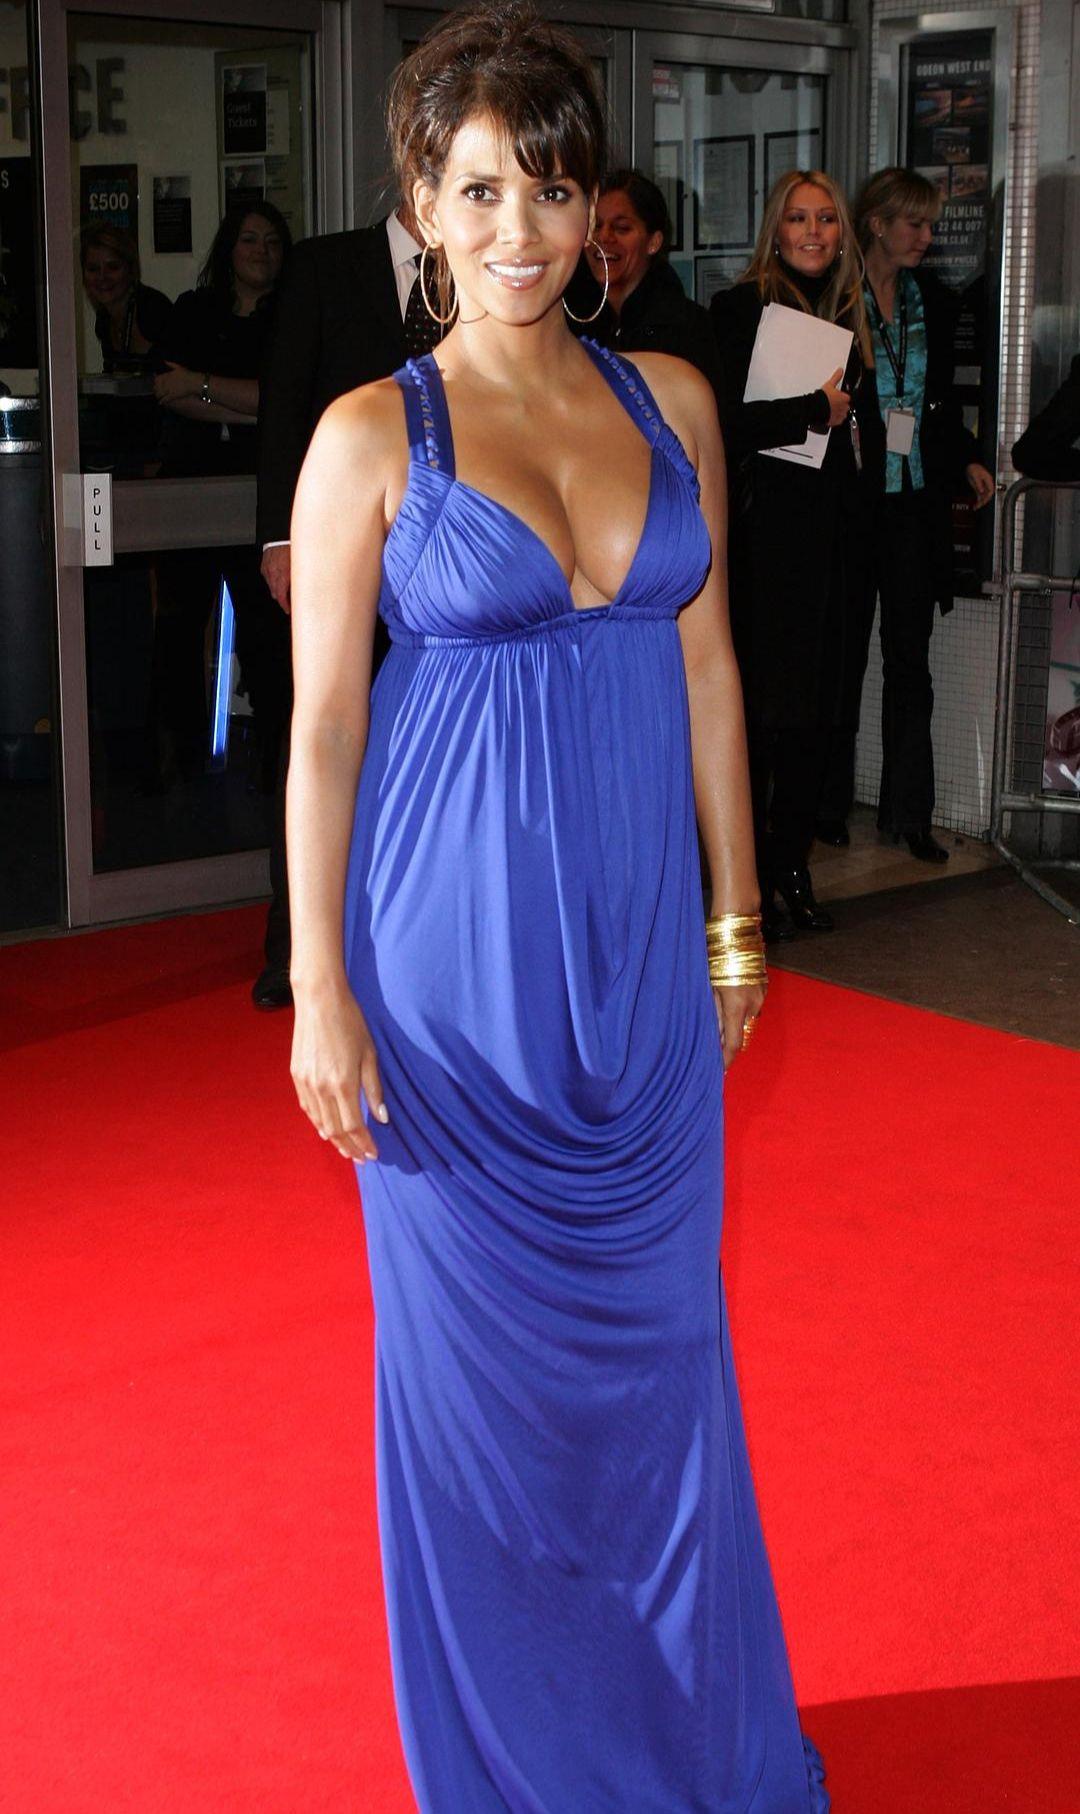 好莱坞女神 奥斯卡第一位黑人影后 007首位黑人邦女郎哈莉·贝瑞